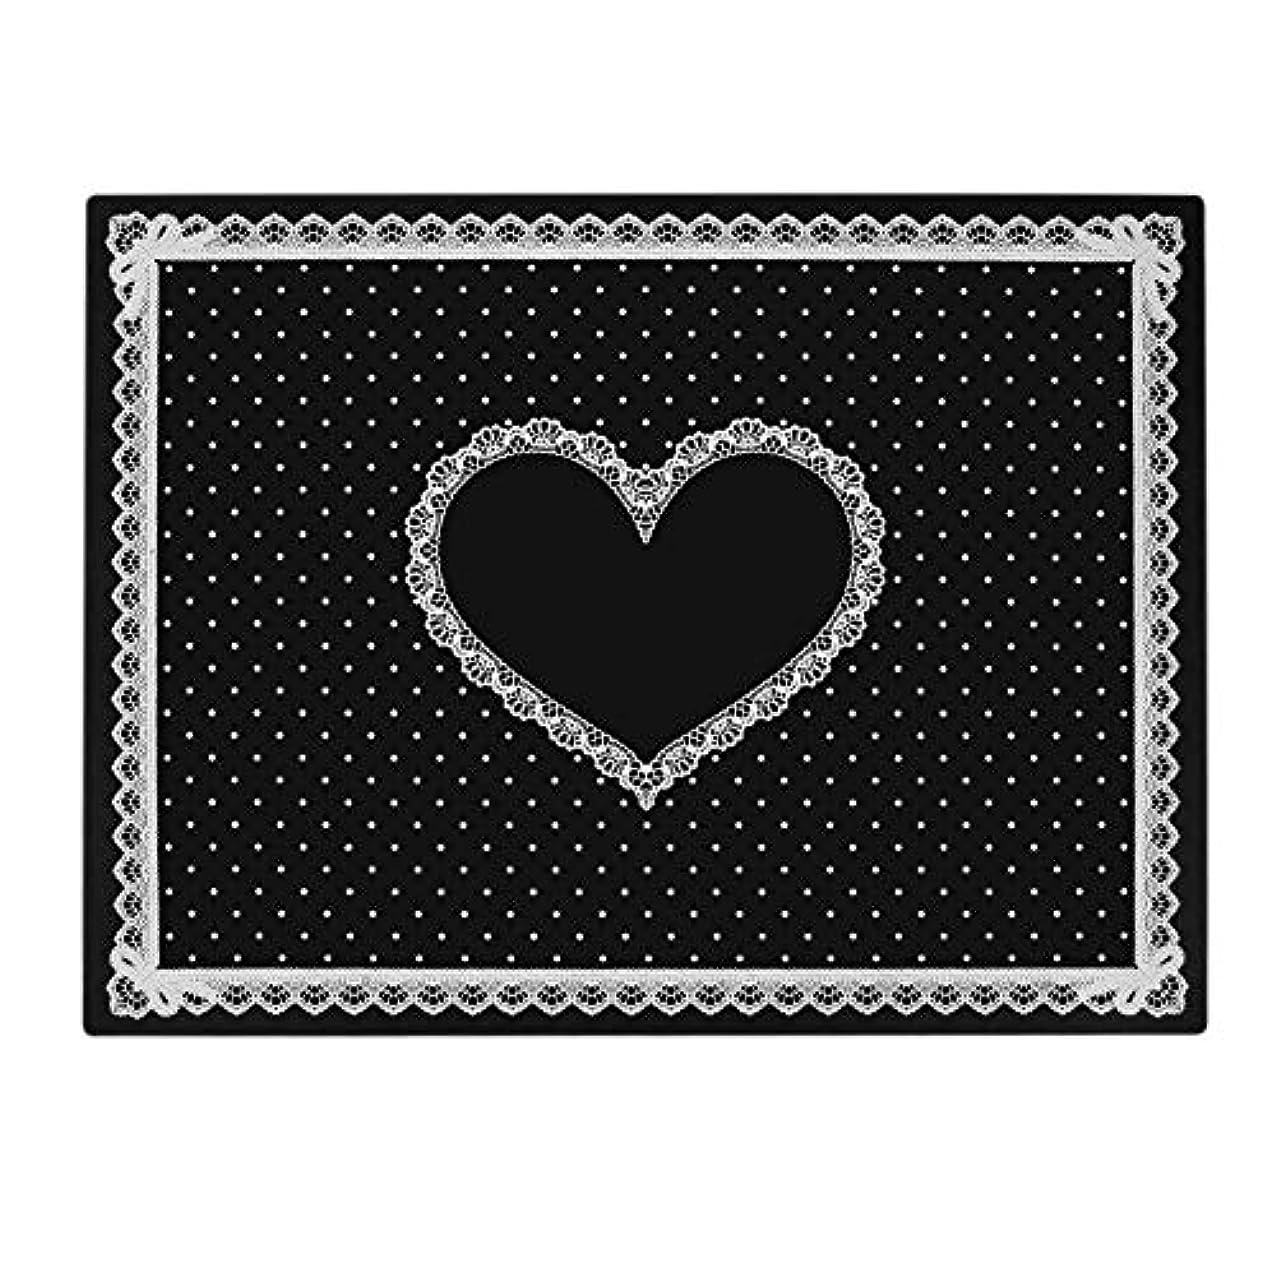 公使館はさみ絡まる5色高品質の快適なシリコンハンドレストクッション枕-ネイルアートテーブルアーム手首パッドマニキュアサロン(14)